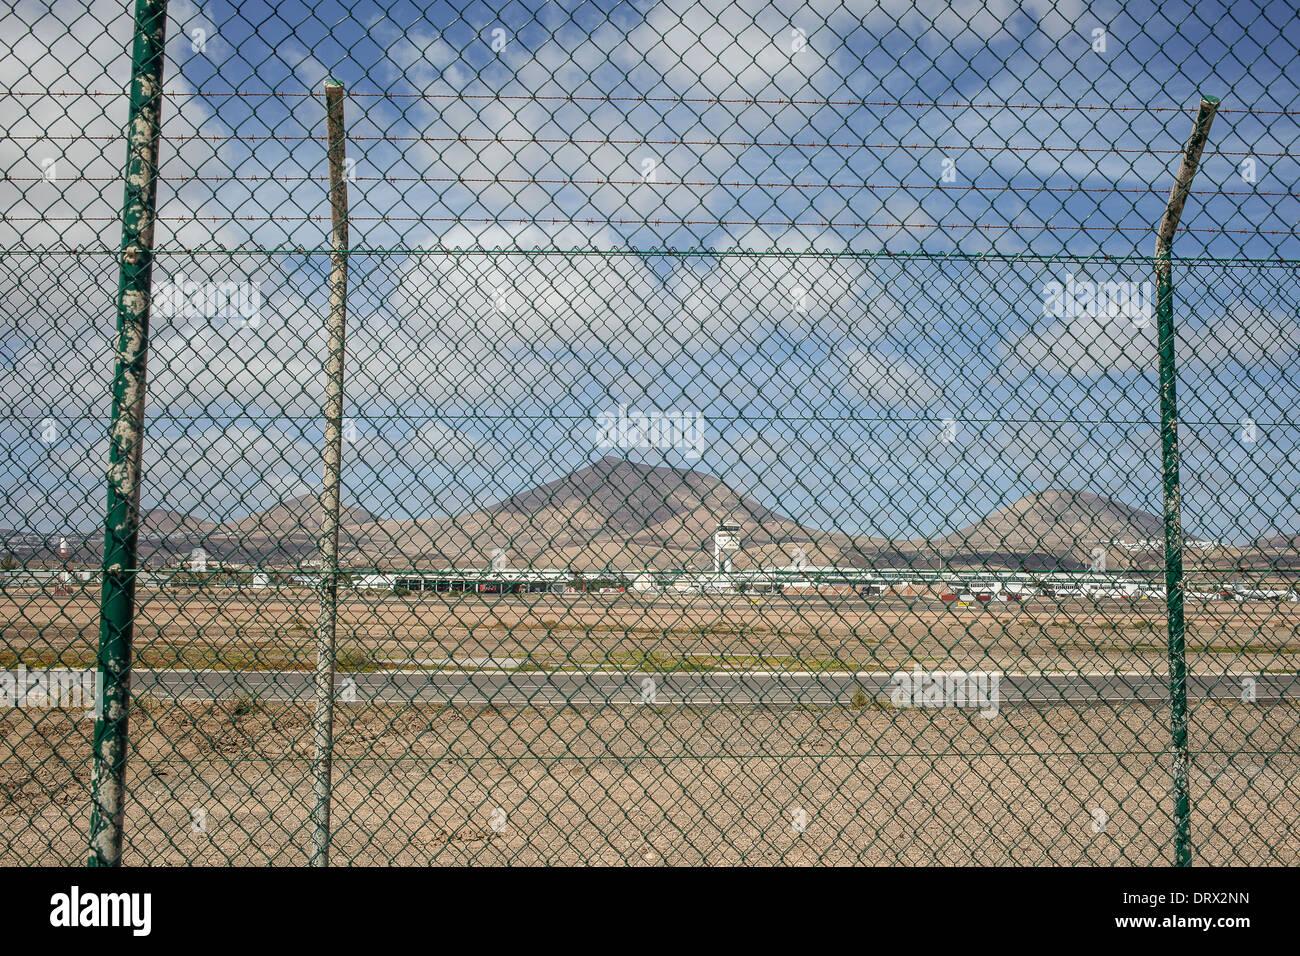 Flughafen von Lanzarote hinter einem Zaun Stockbild